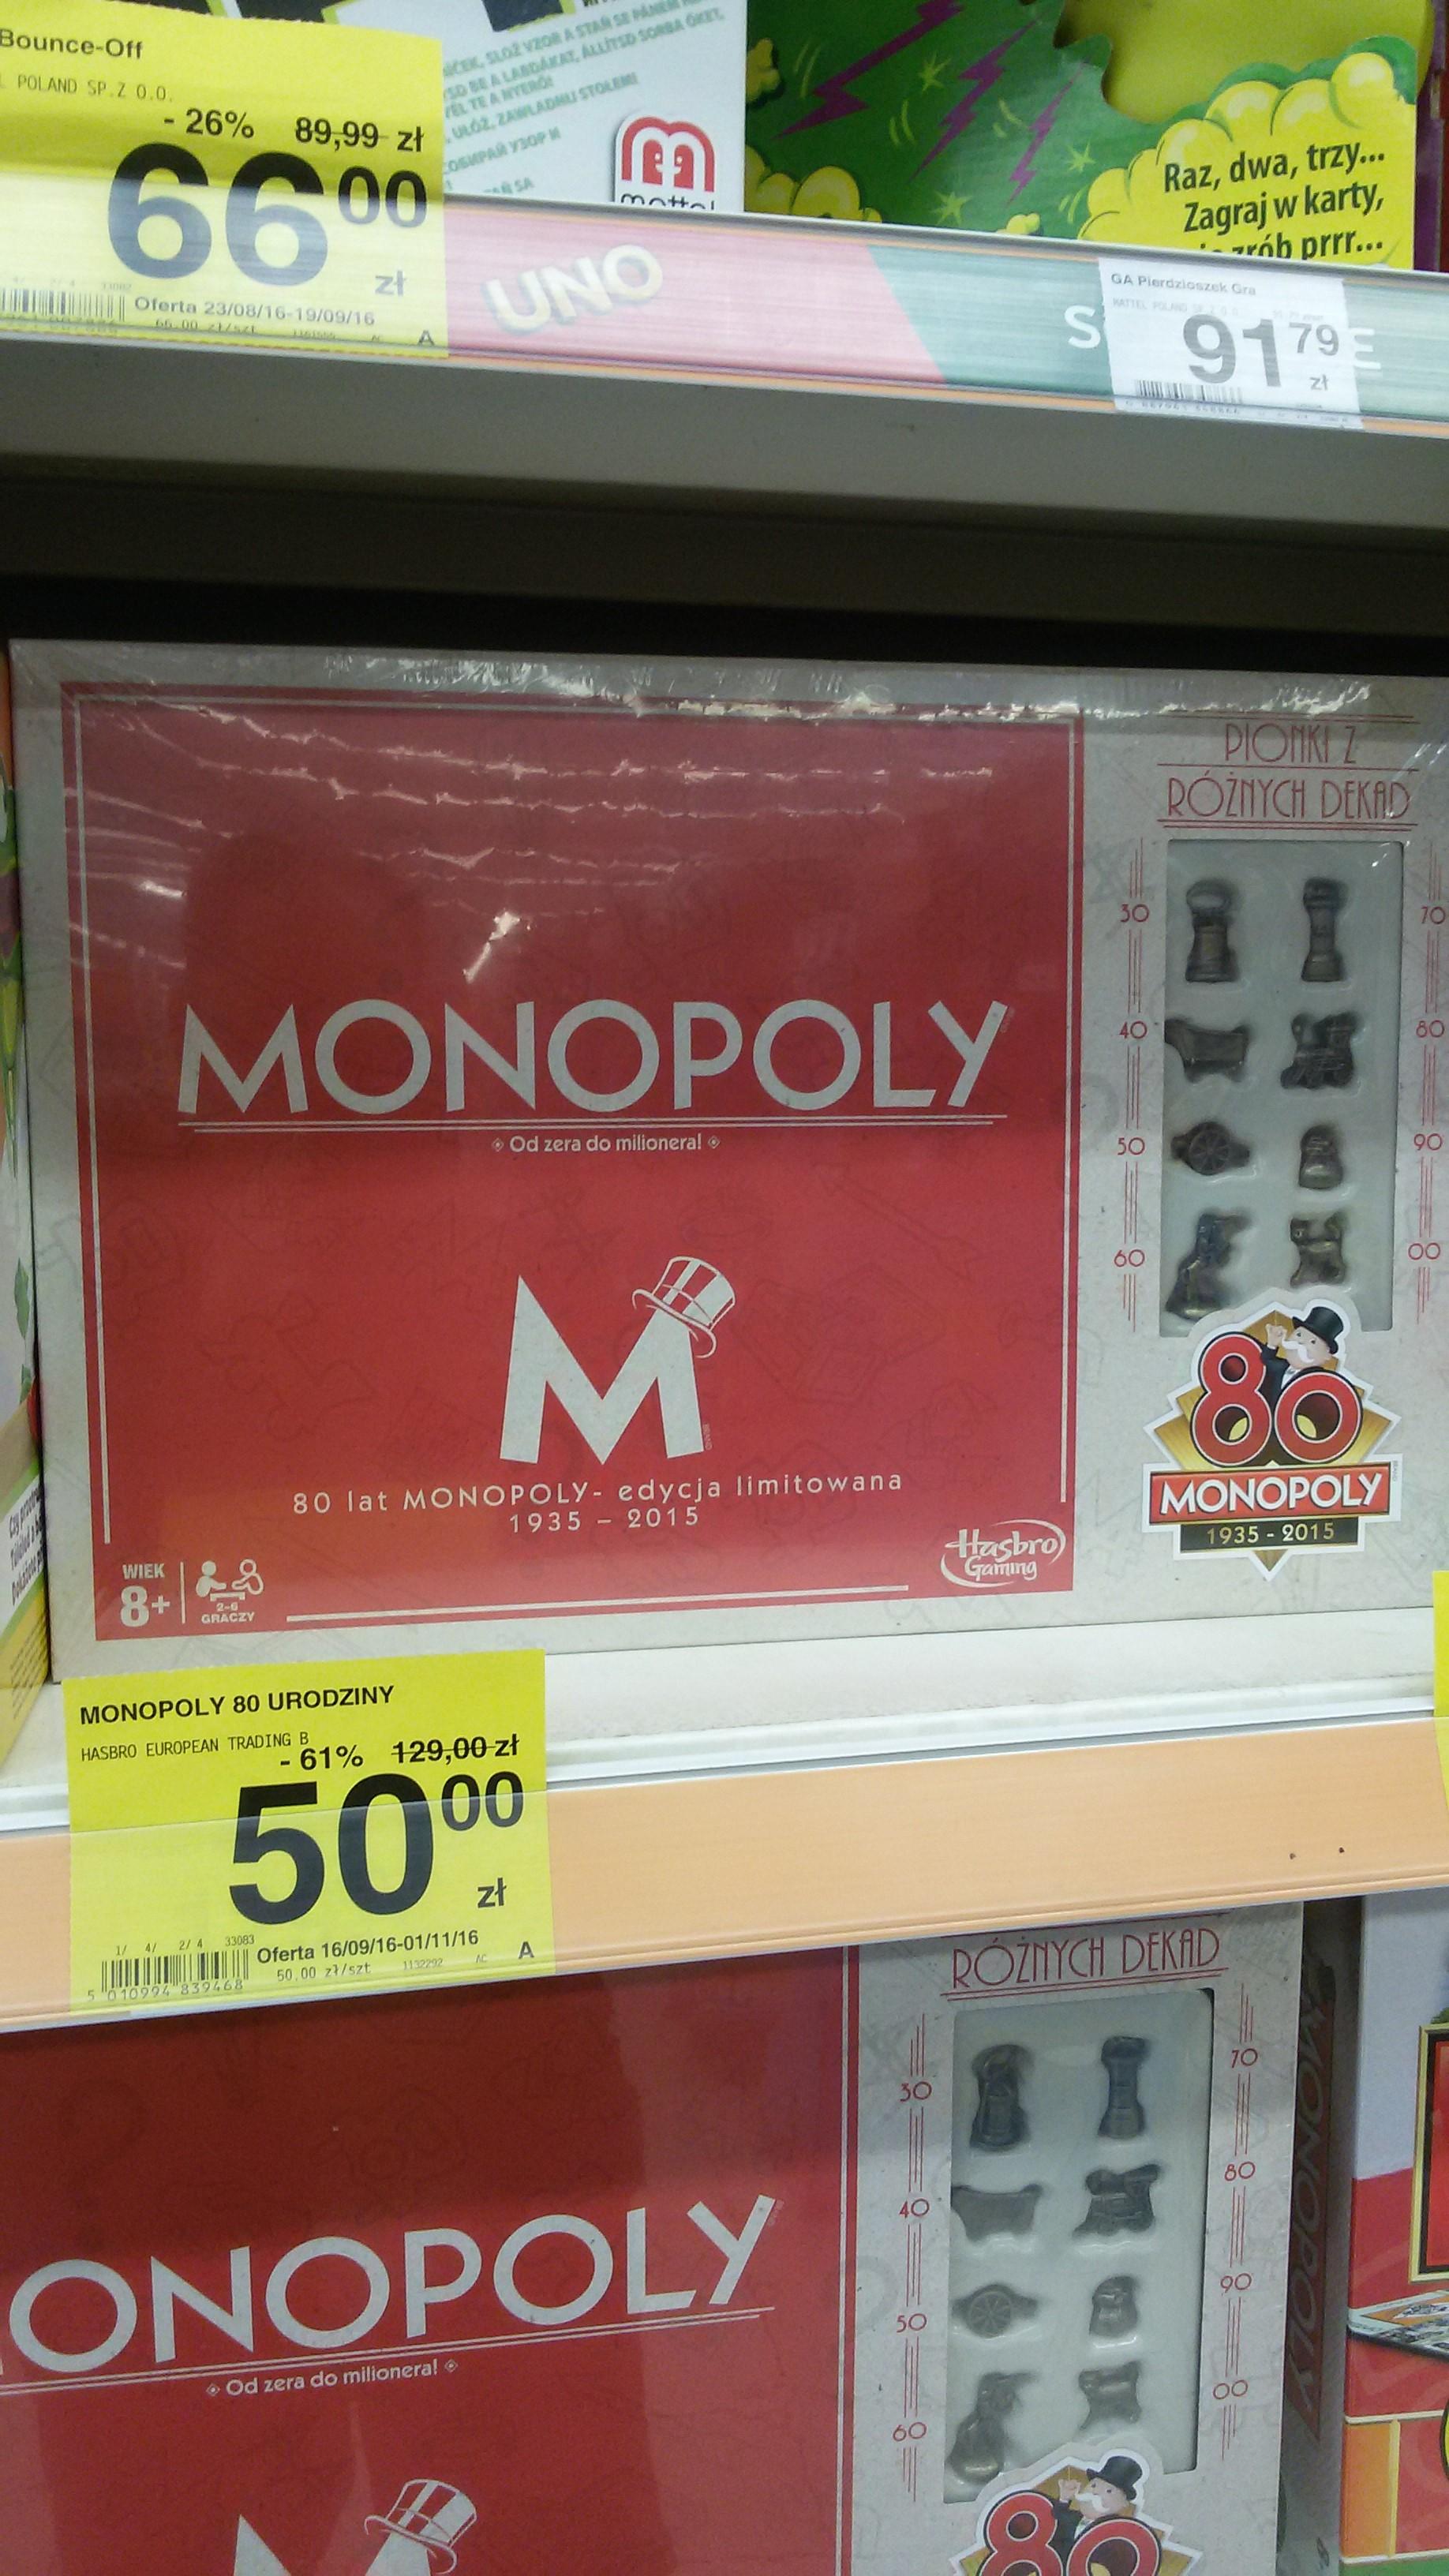 Monopoly, 80 urodziny w sklepie Carrefour